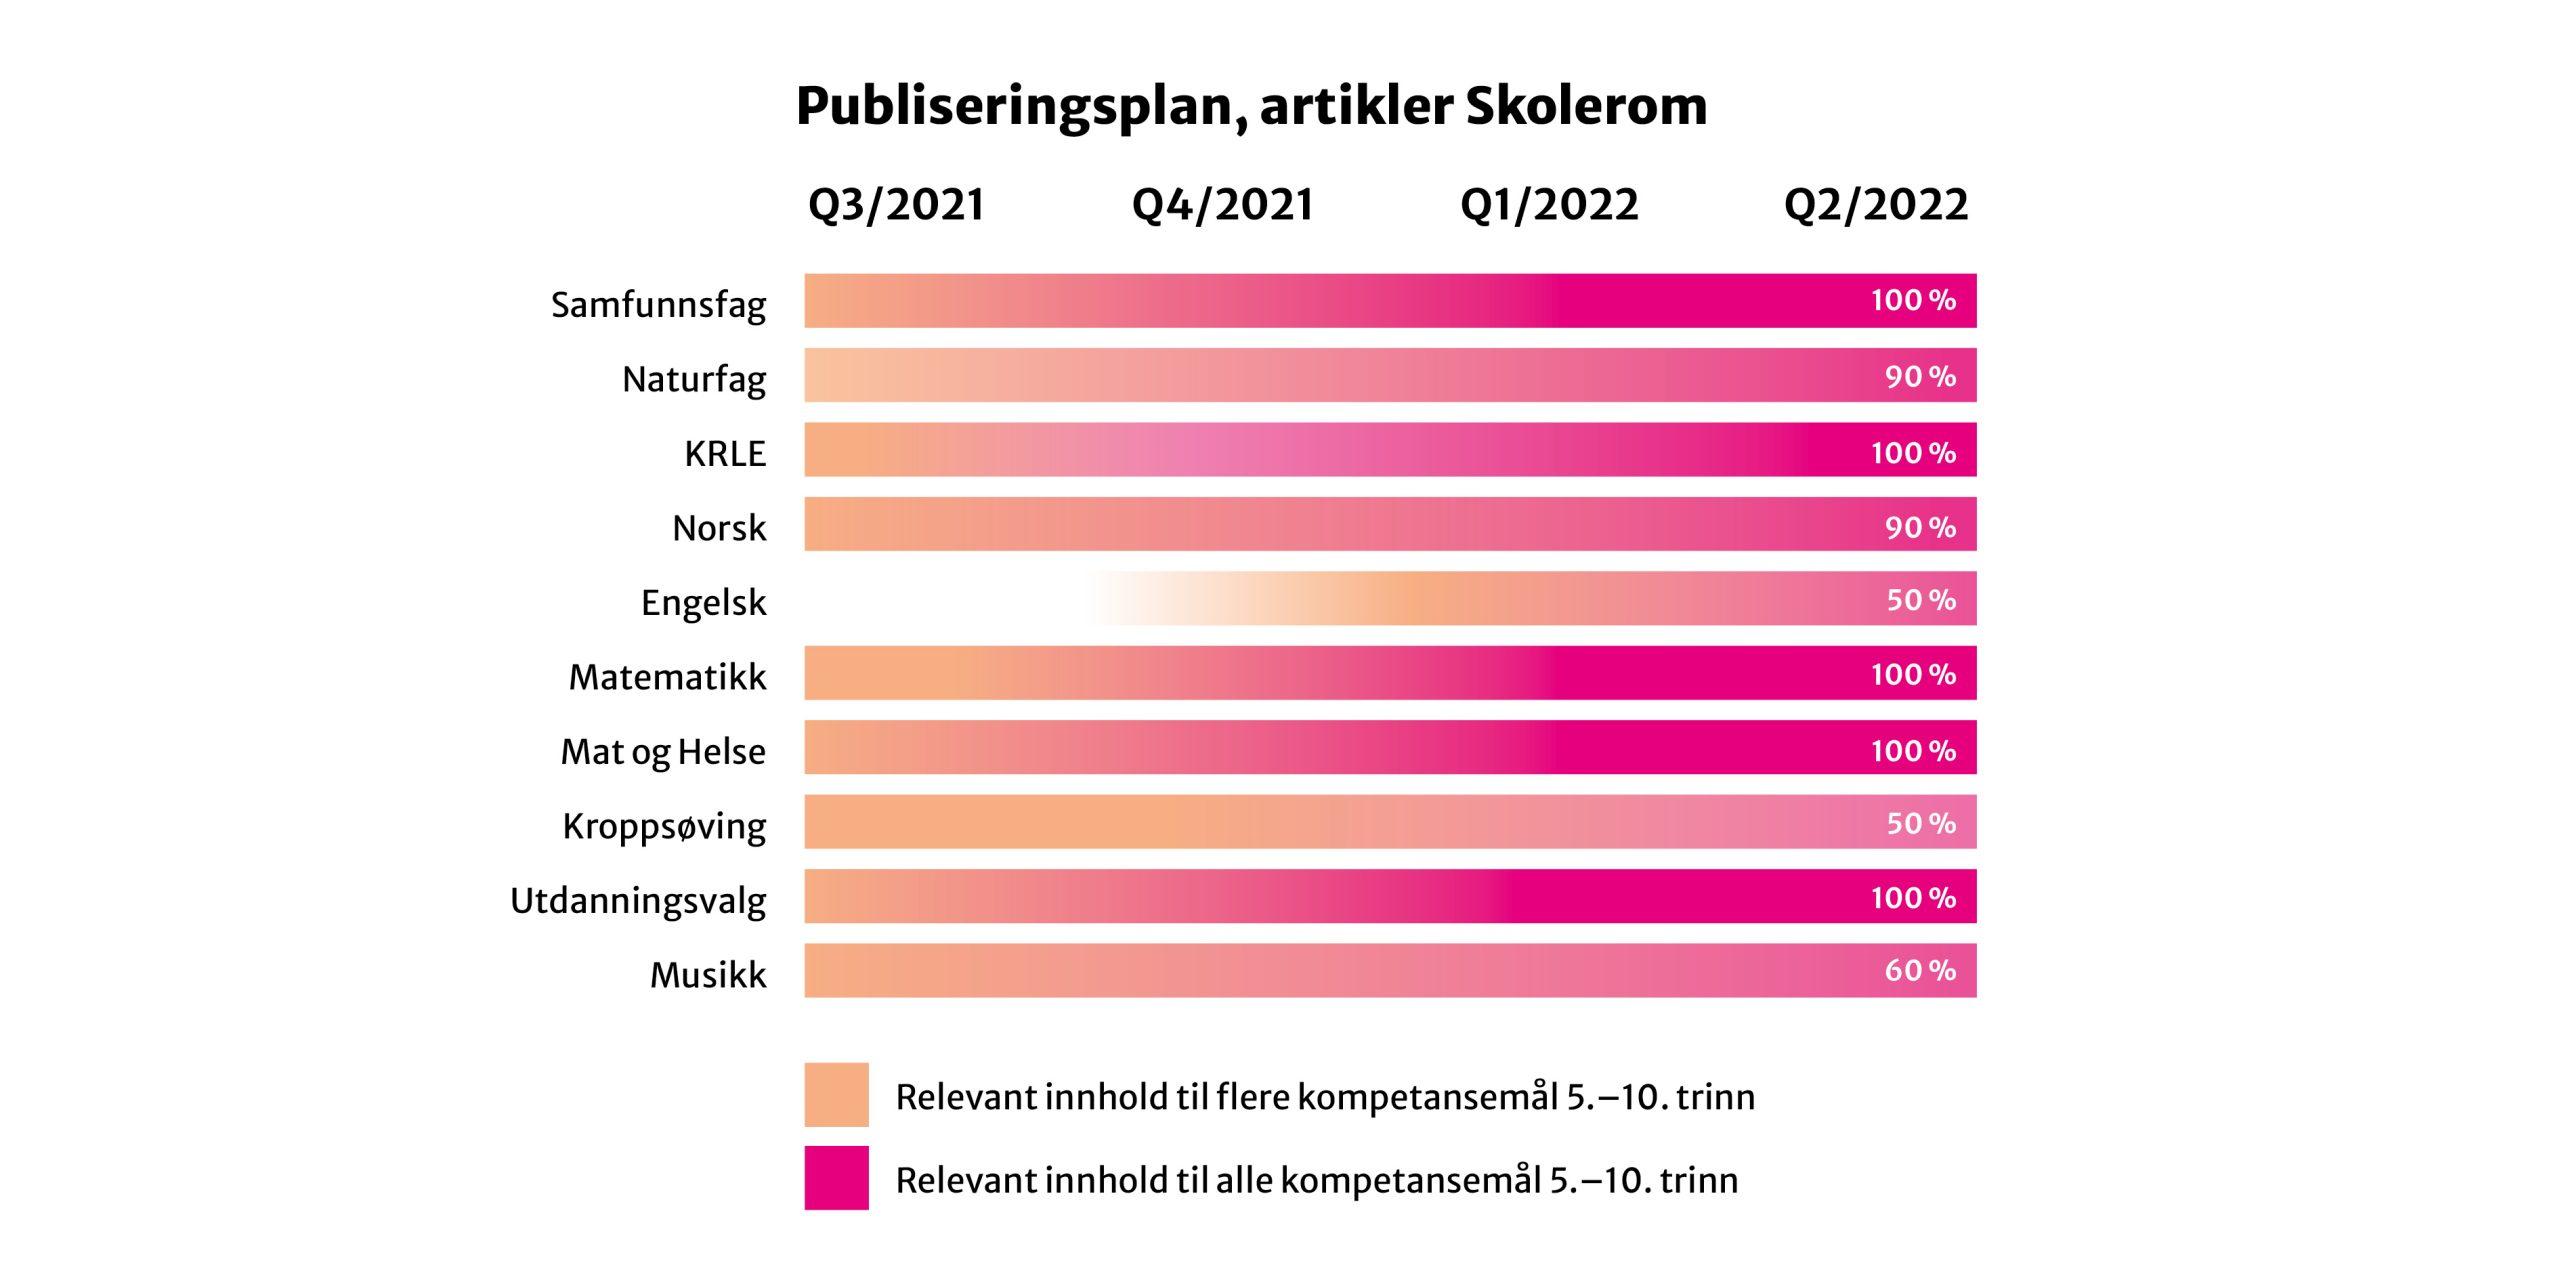 Tabell over publiseringsplan de ulike fagene for Skolerom.